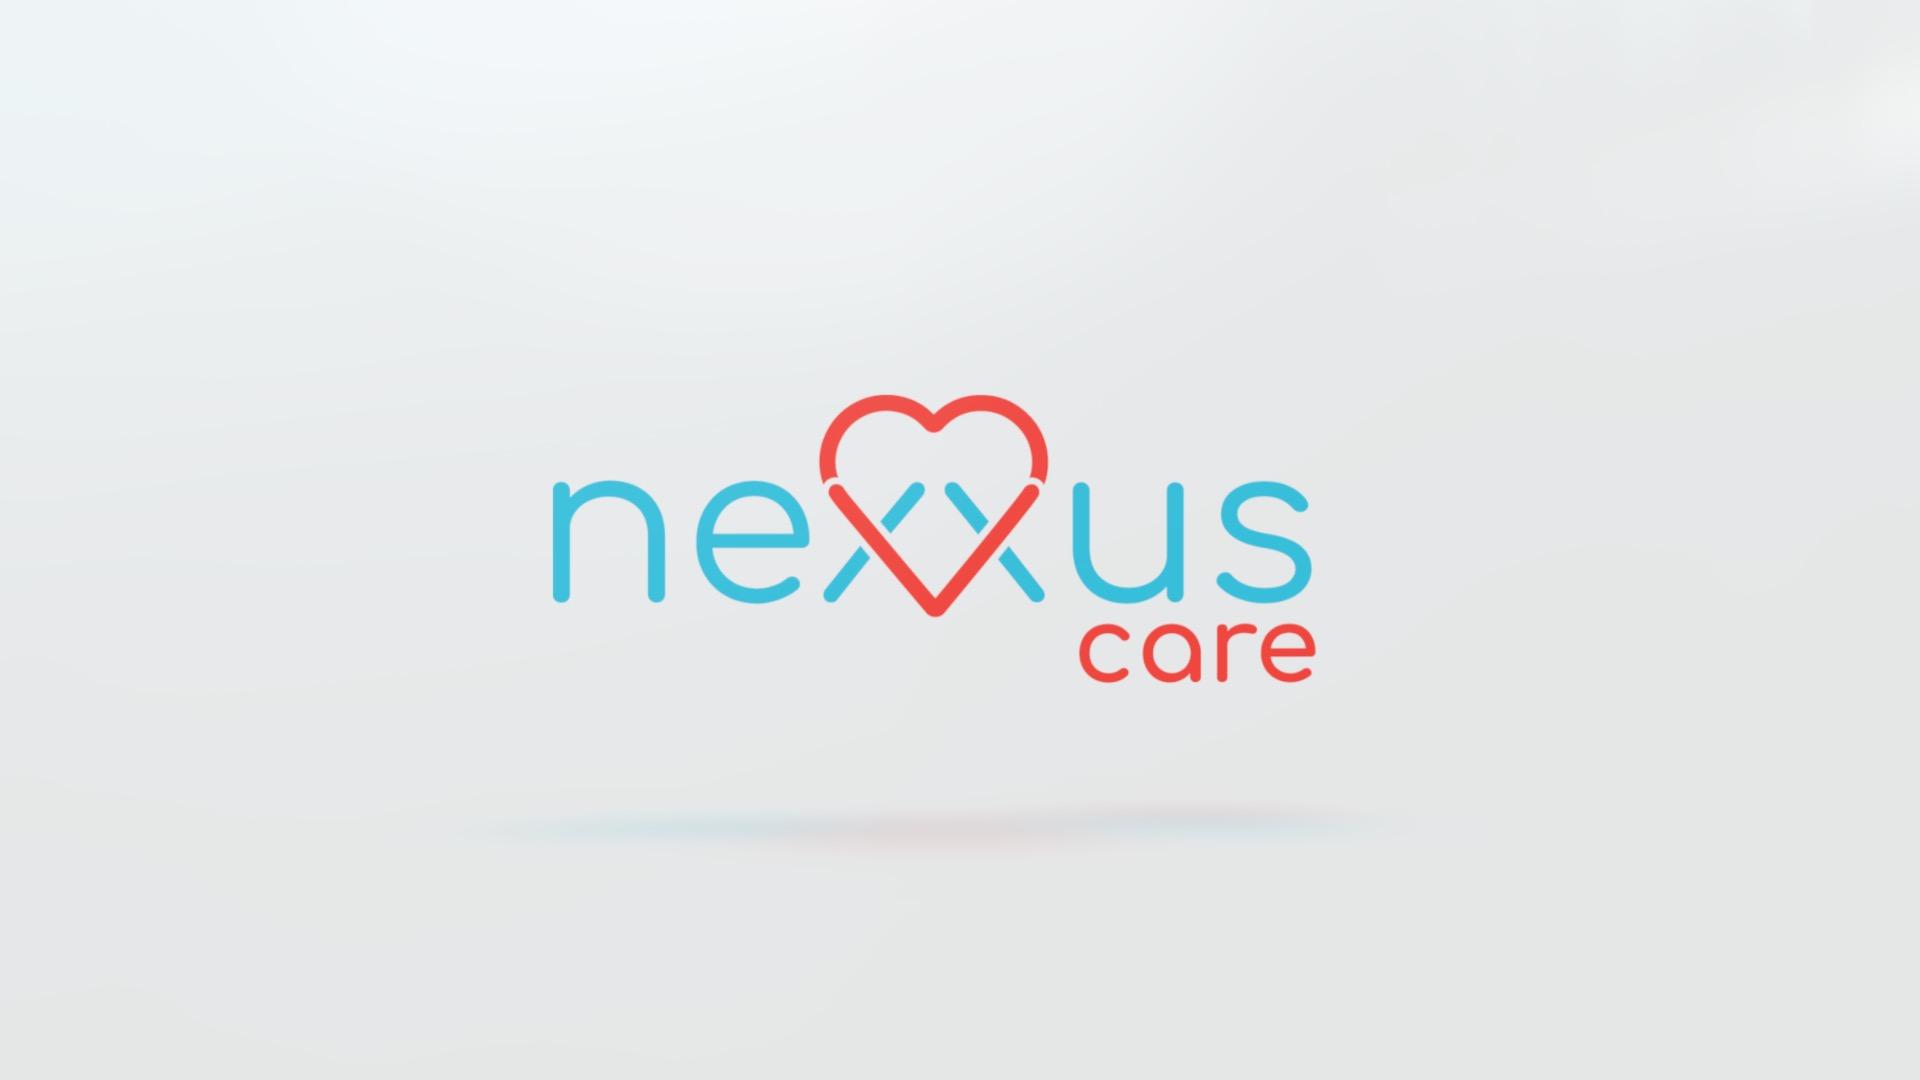 Nexxus Care